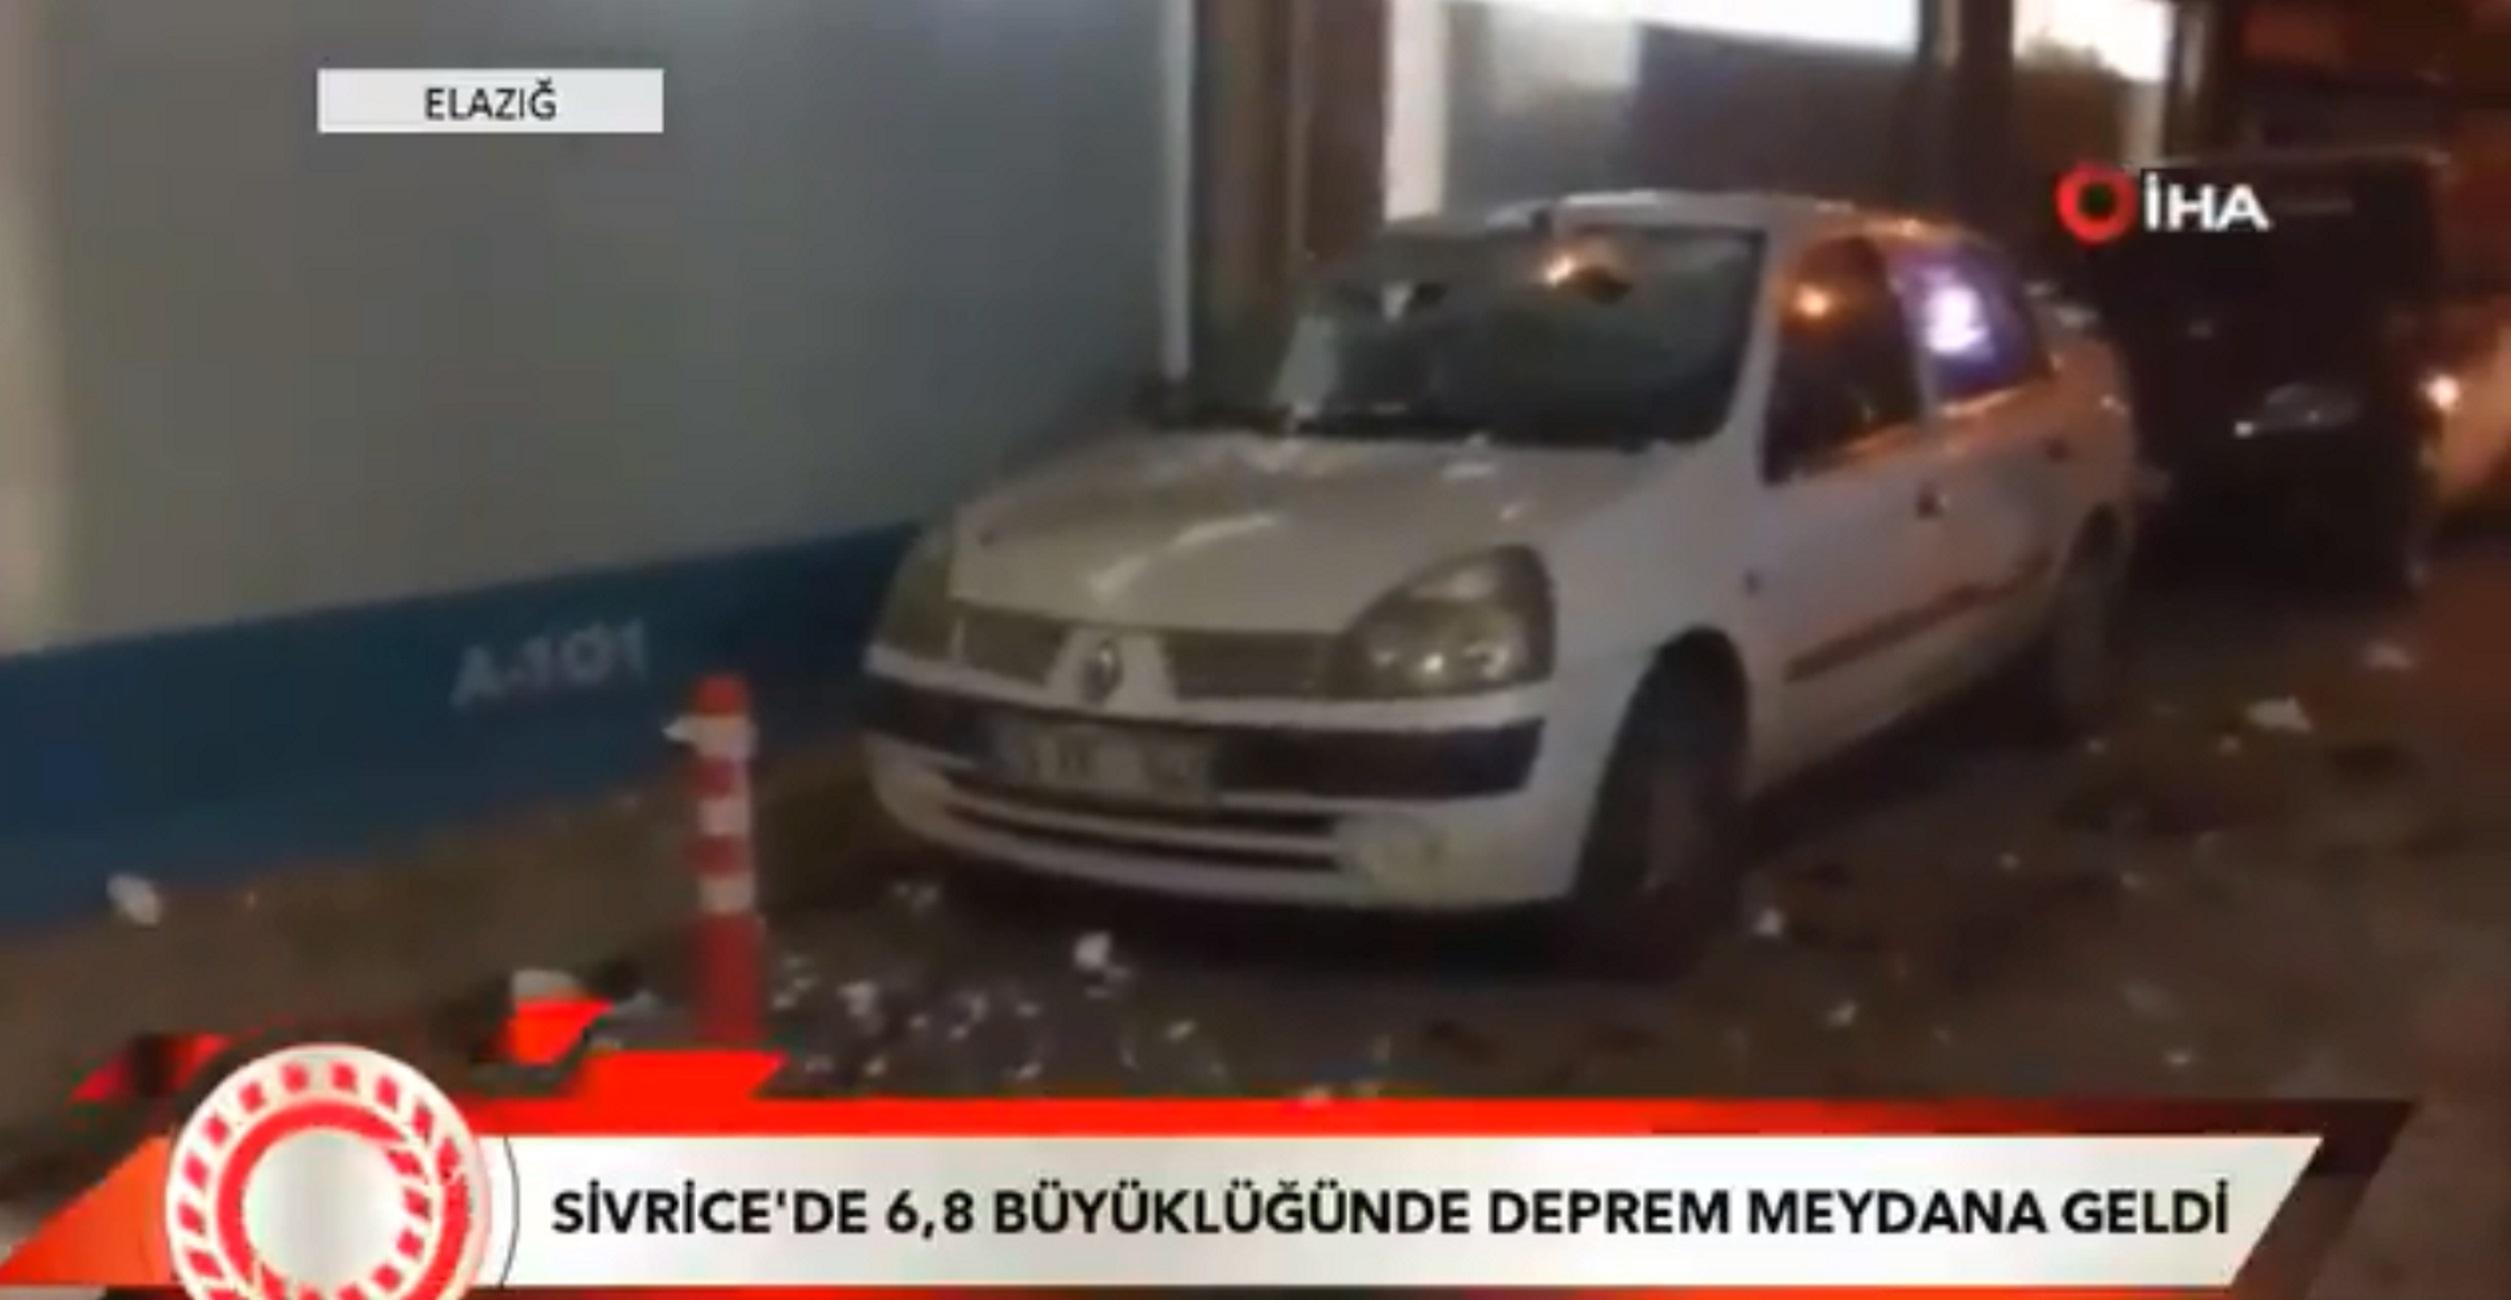 Πανίσχυρος σεισμός στην Τουρκία! Οι πρώτες εικόνες του πανικού [video]